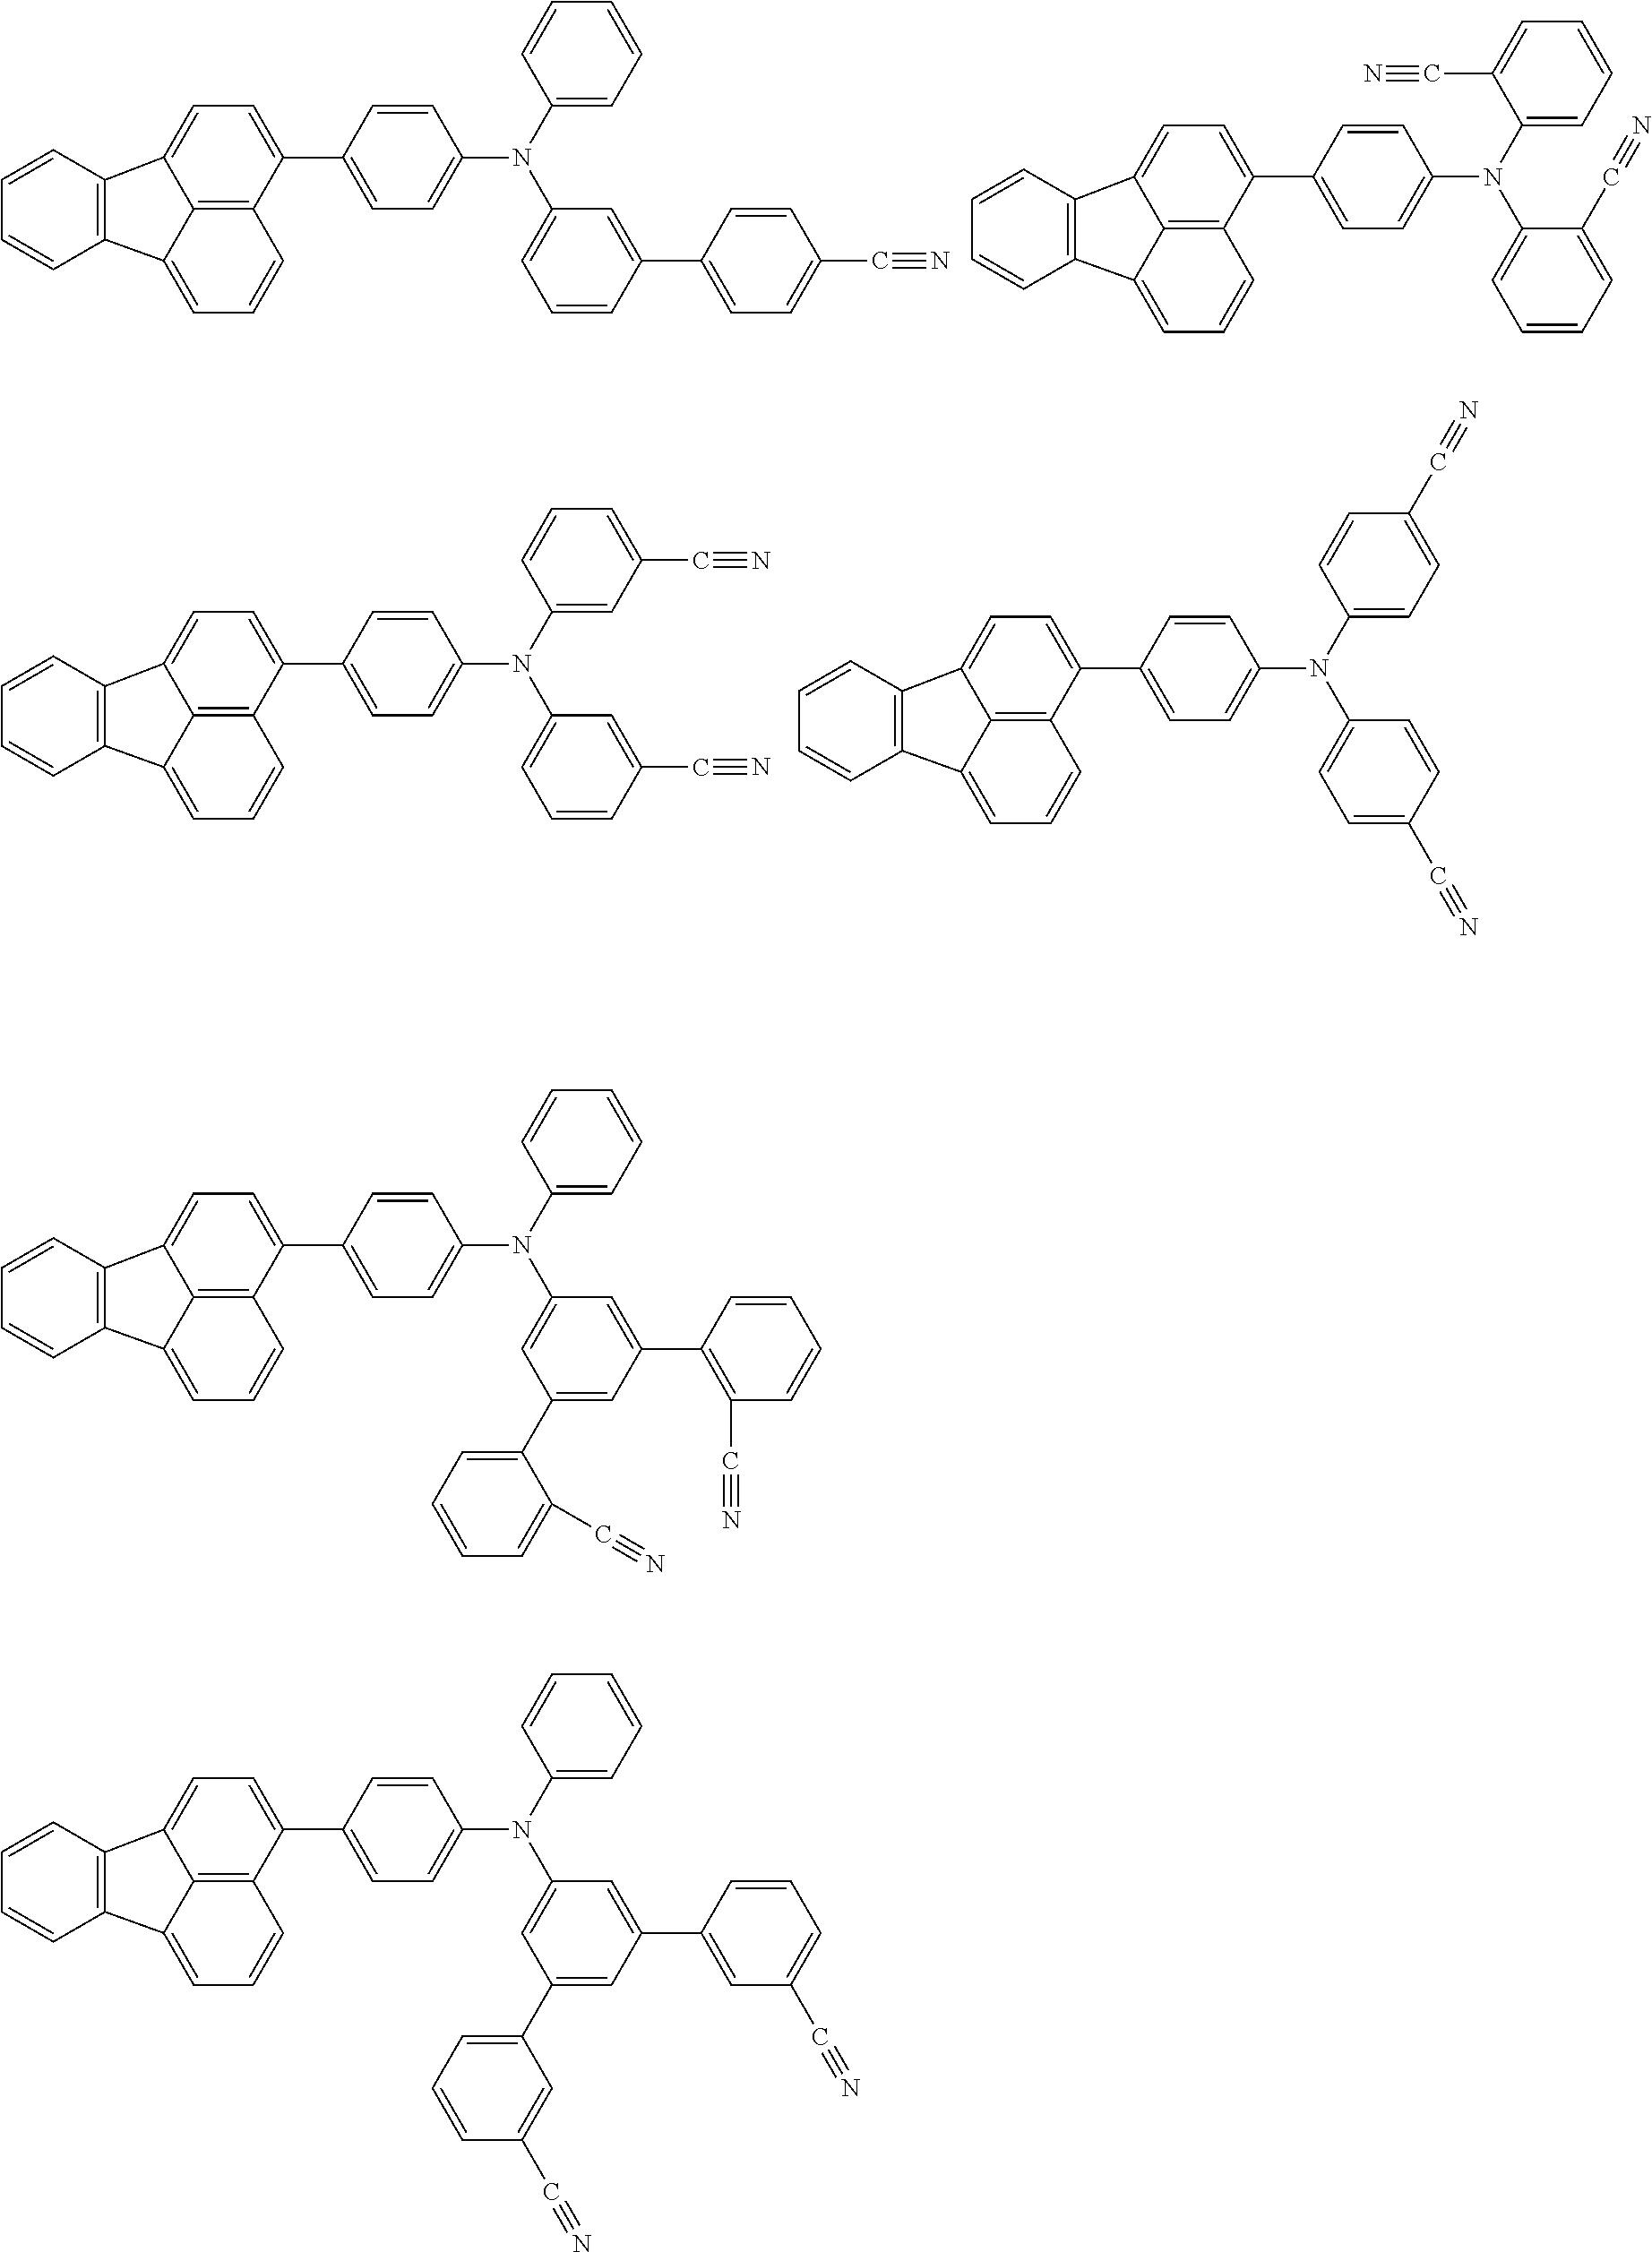 Figure US20150280139A1-20151001-C00092